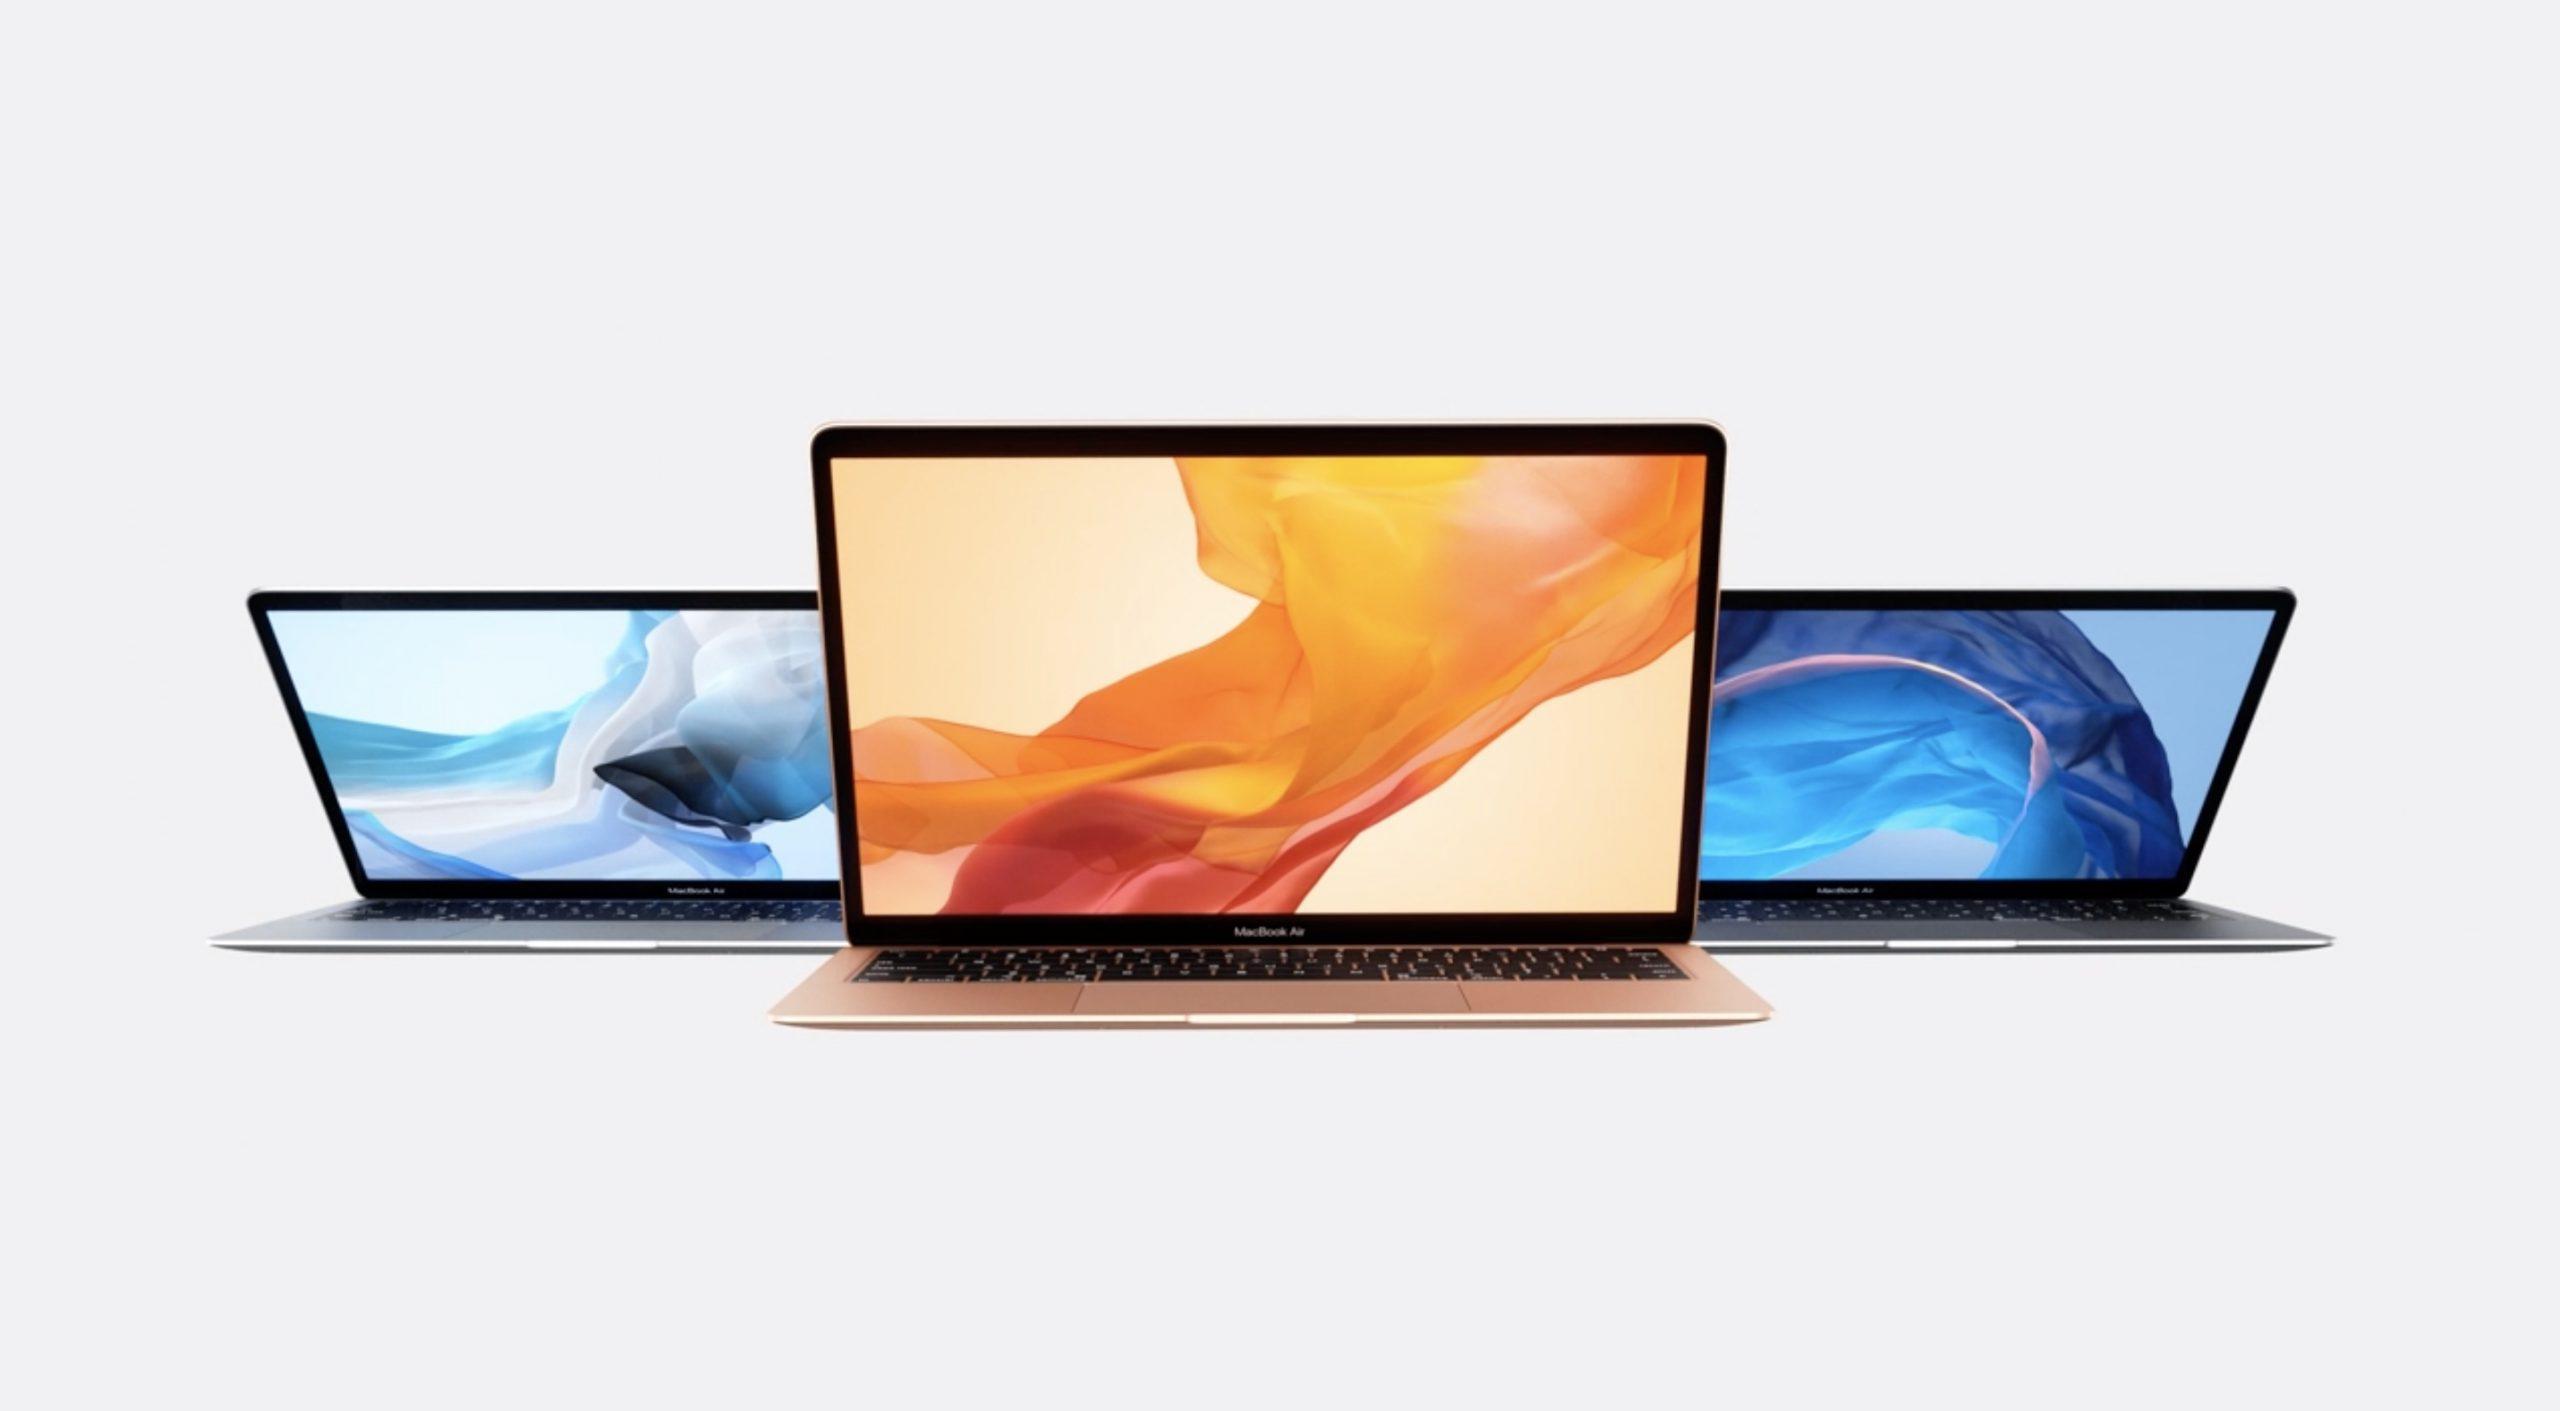 MacBook Air berriak bere aurrekoa baino disko motelagoa du.  Nola alderatzen da lehiaketarekin?